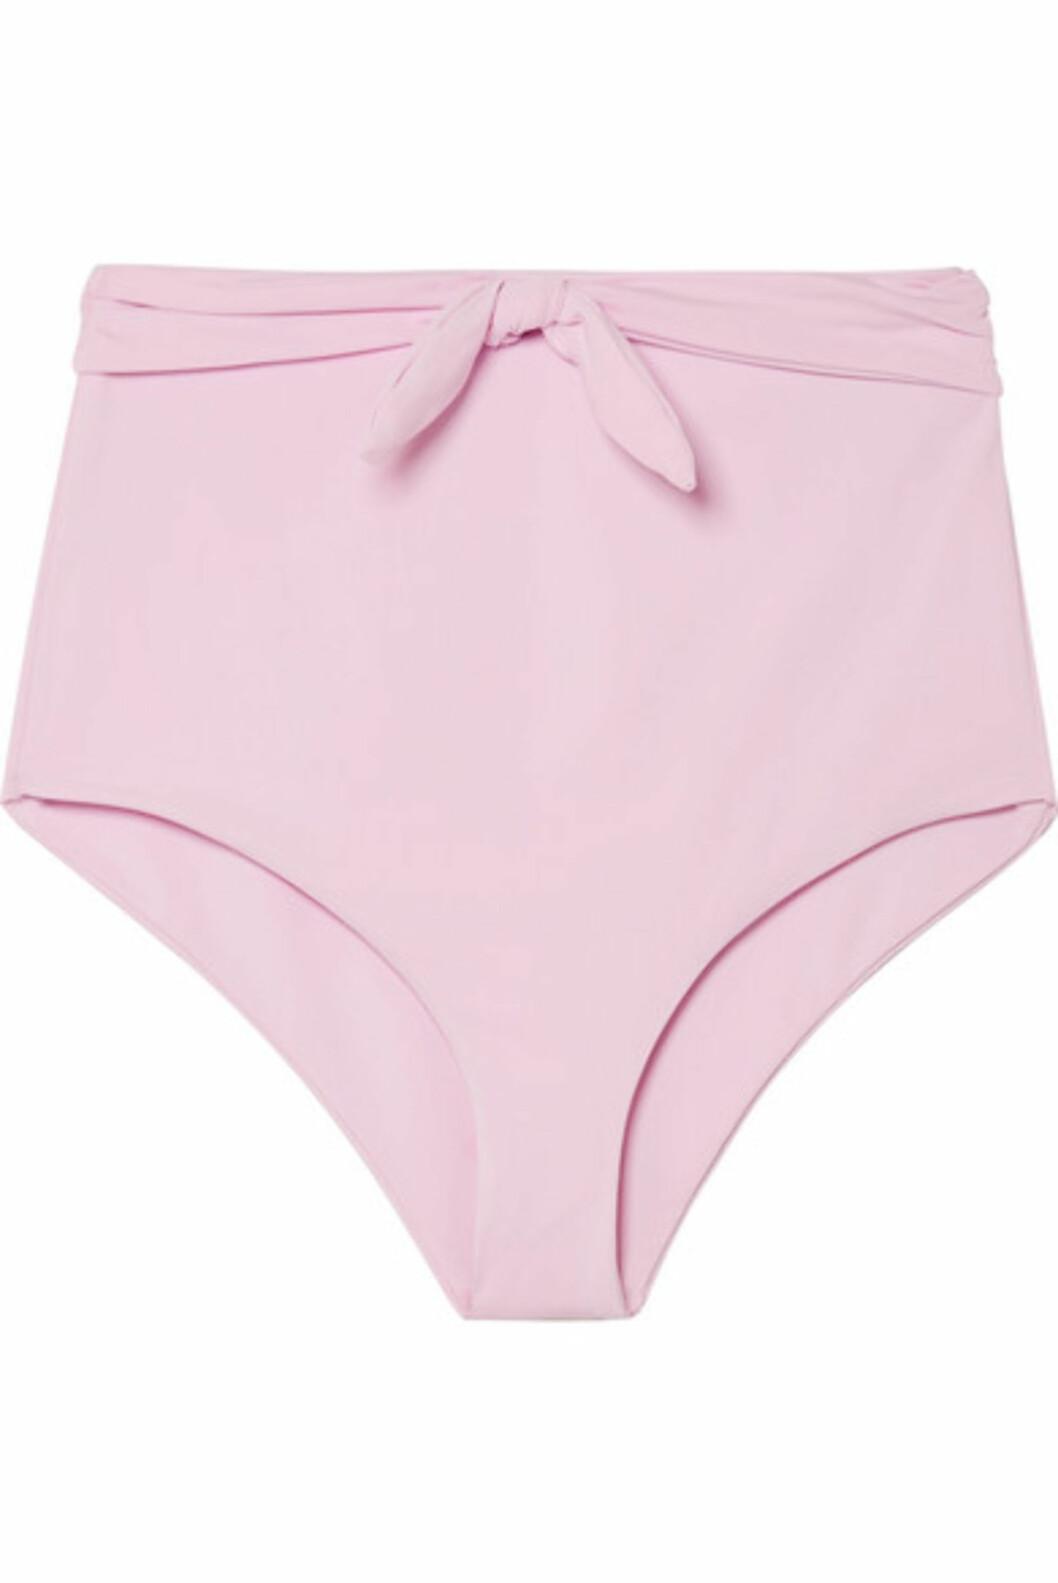 <strong>Bikinitruse fra Mara Hoffman  1360,-  https:</strong>//www.net-a-porter.com/no/en/product/994302/mara_hoffman/jay-bikini-briefs